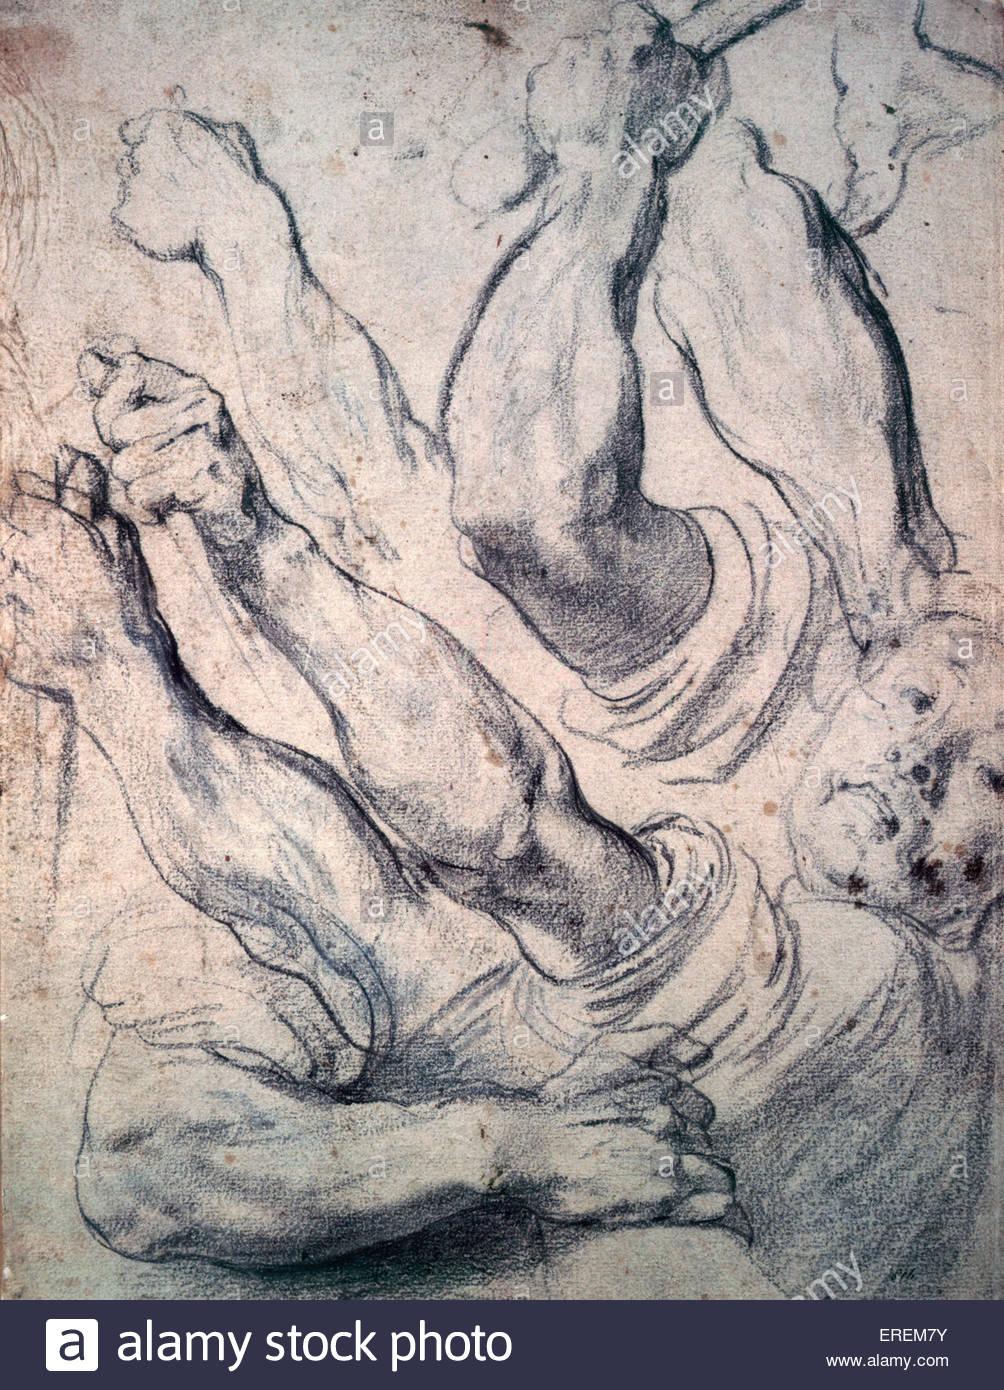 Studium der Arme von Rubens. Späten 16. und frühen 17. Jahrhundert, 11,9 x 15,5 Zoll, Zeichnung in schwarzer Stockbild